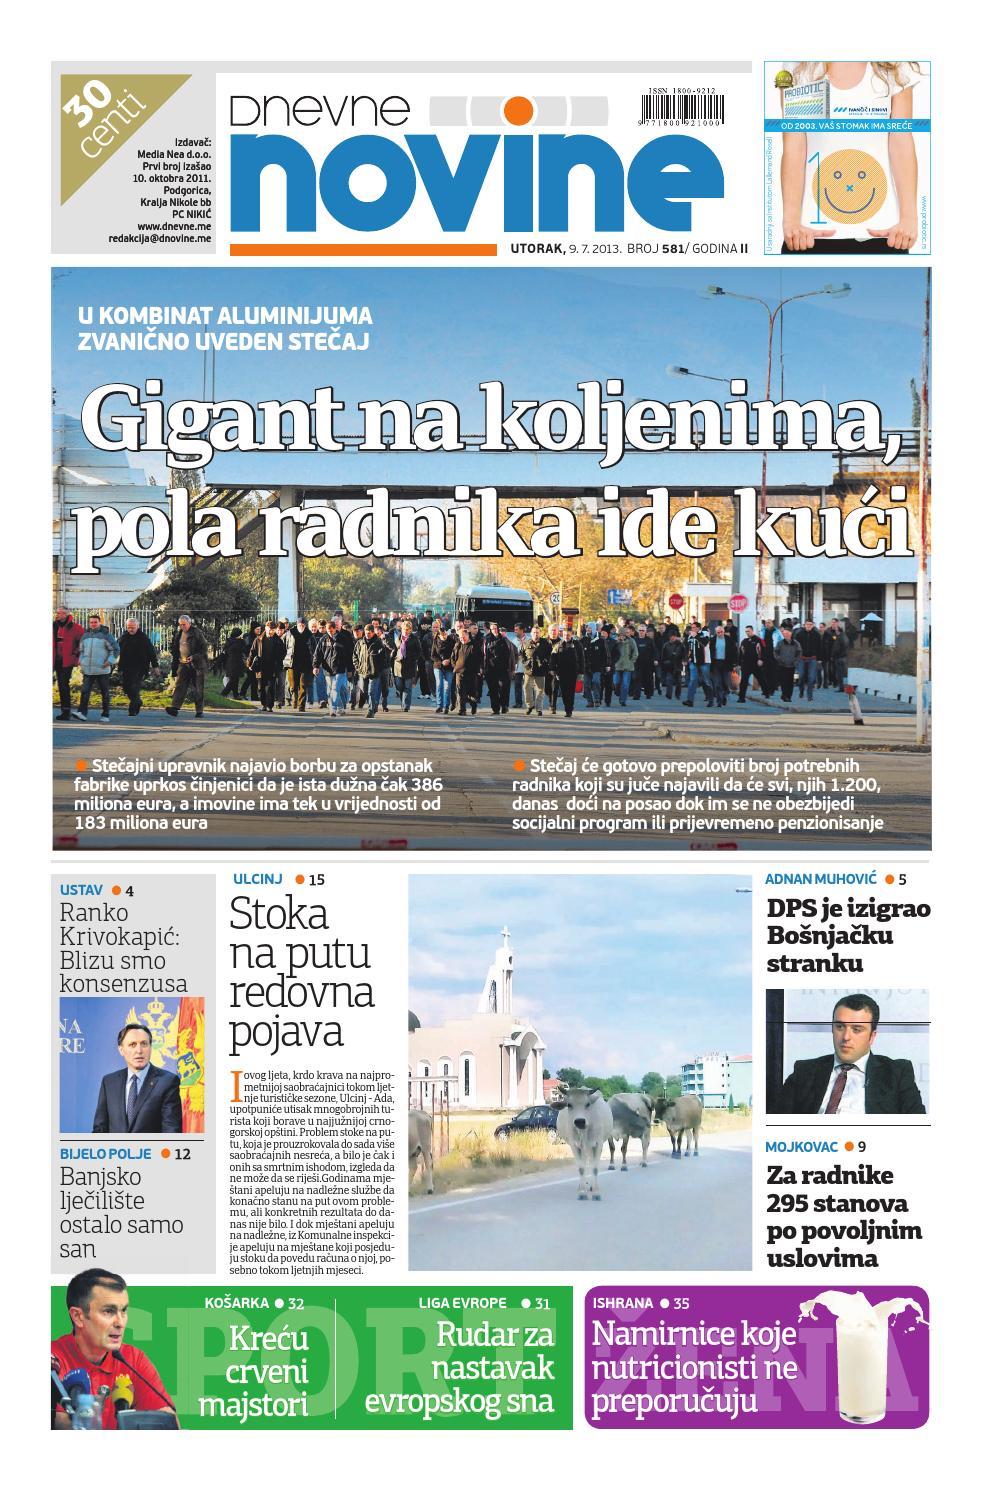 Priključiti grad u Slavonski Brod Hrvatska